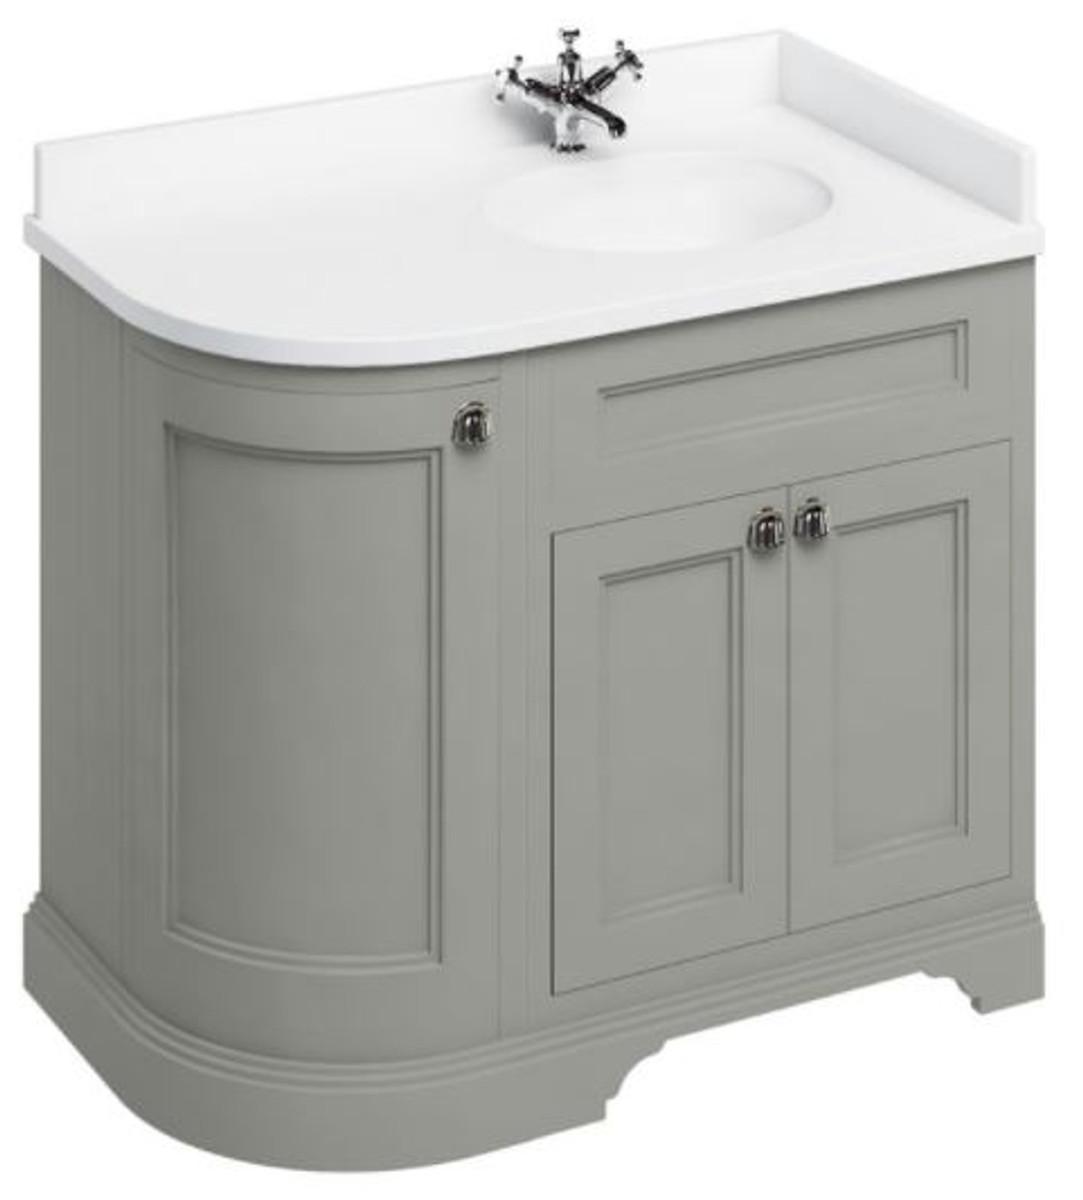 casa padrino waschschrank mit marmorplatte und 3 t ren jugendstil waschtisch freistehende. Black Bedroom Furniture Sets. Home Design Ideas